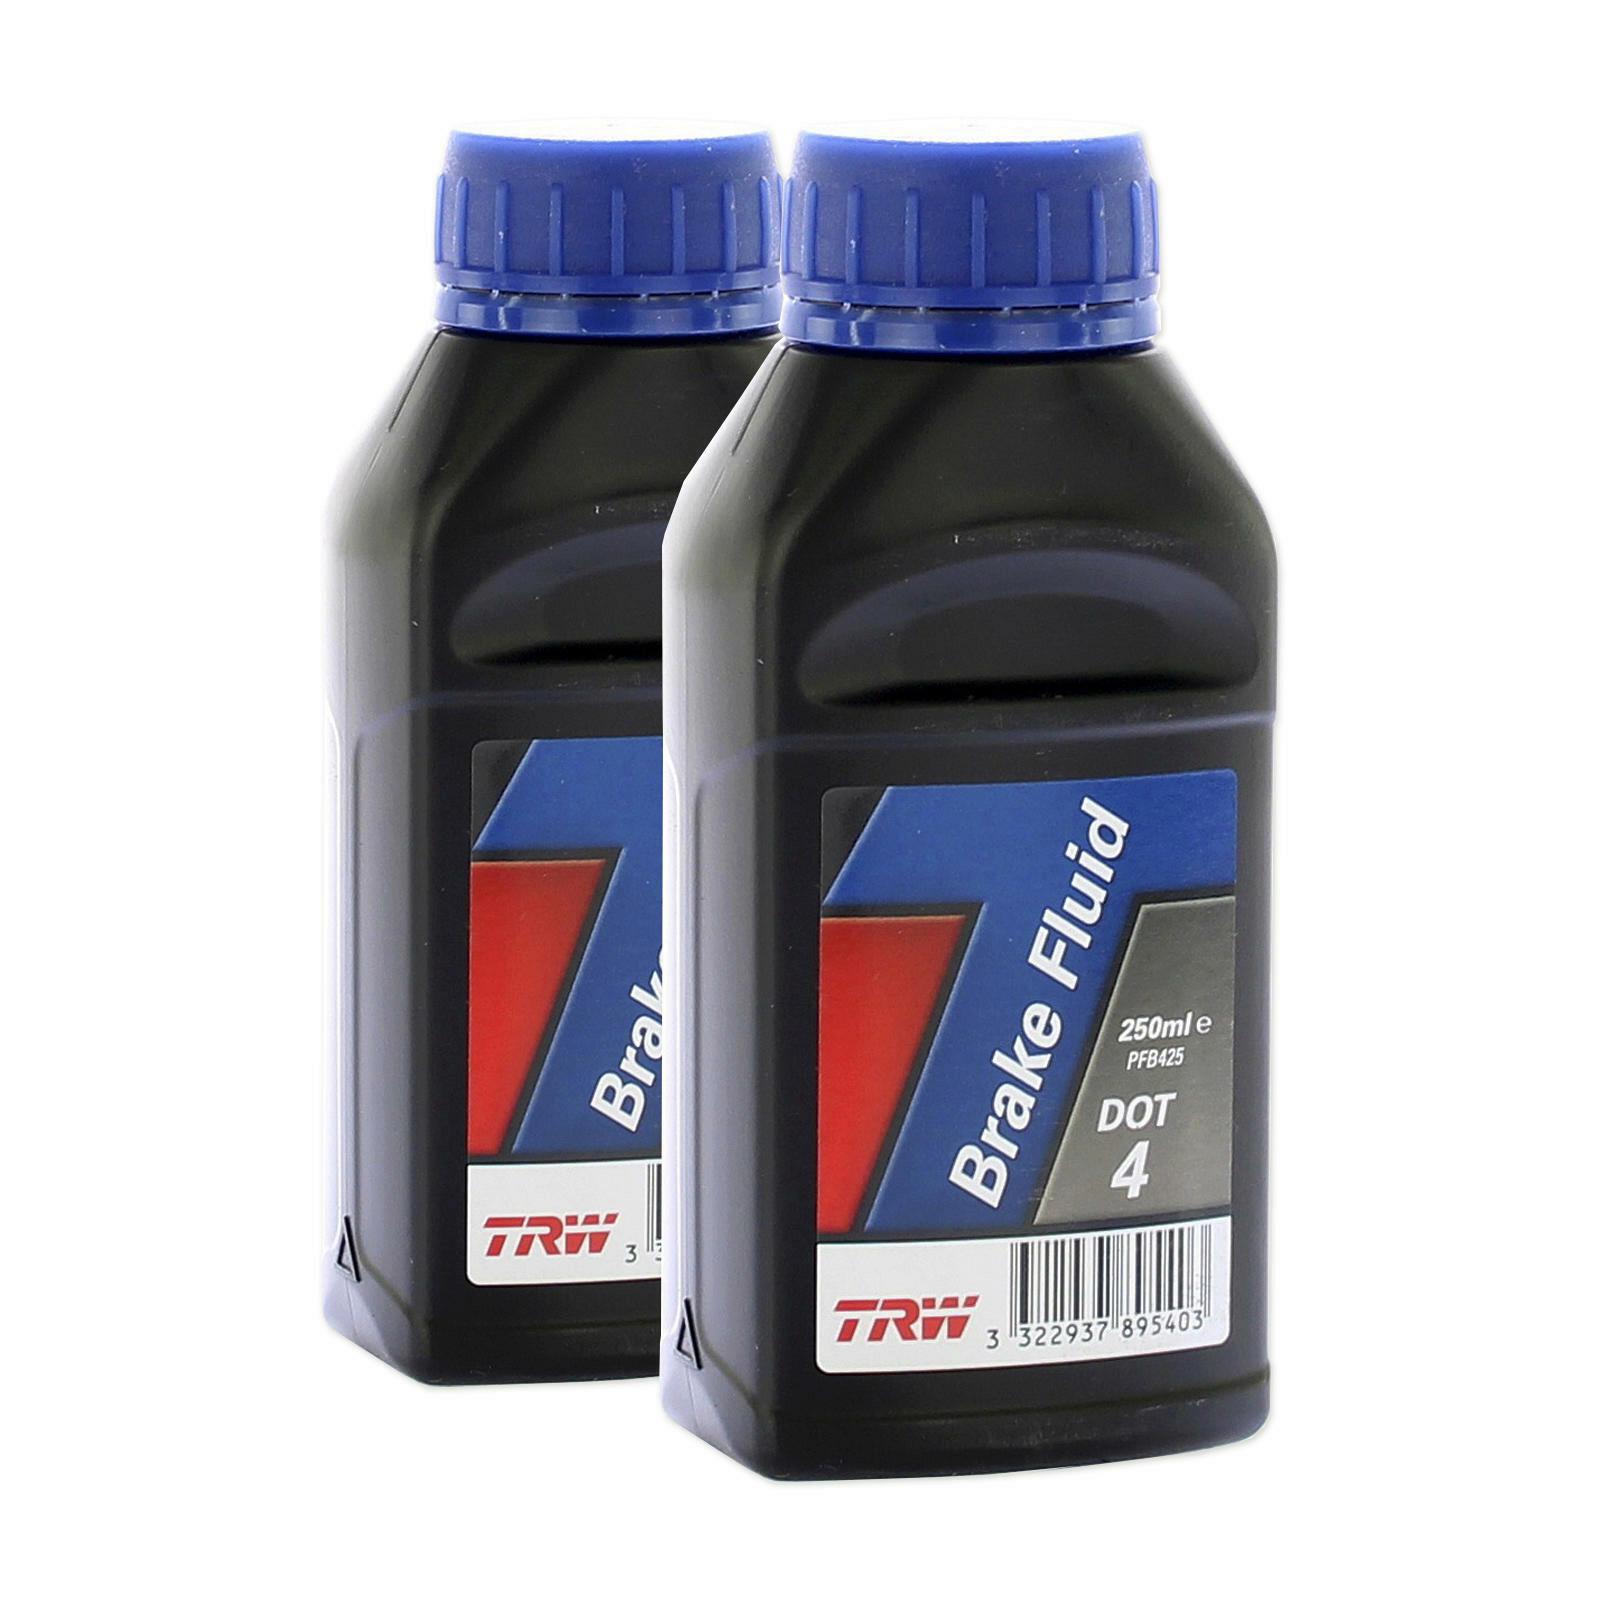 2x TRW Bremsflüssigkeit DOT 4 250ml